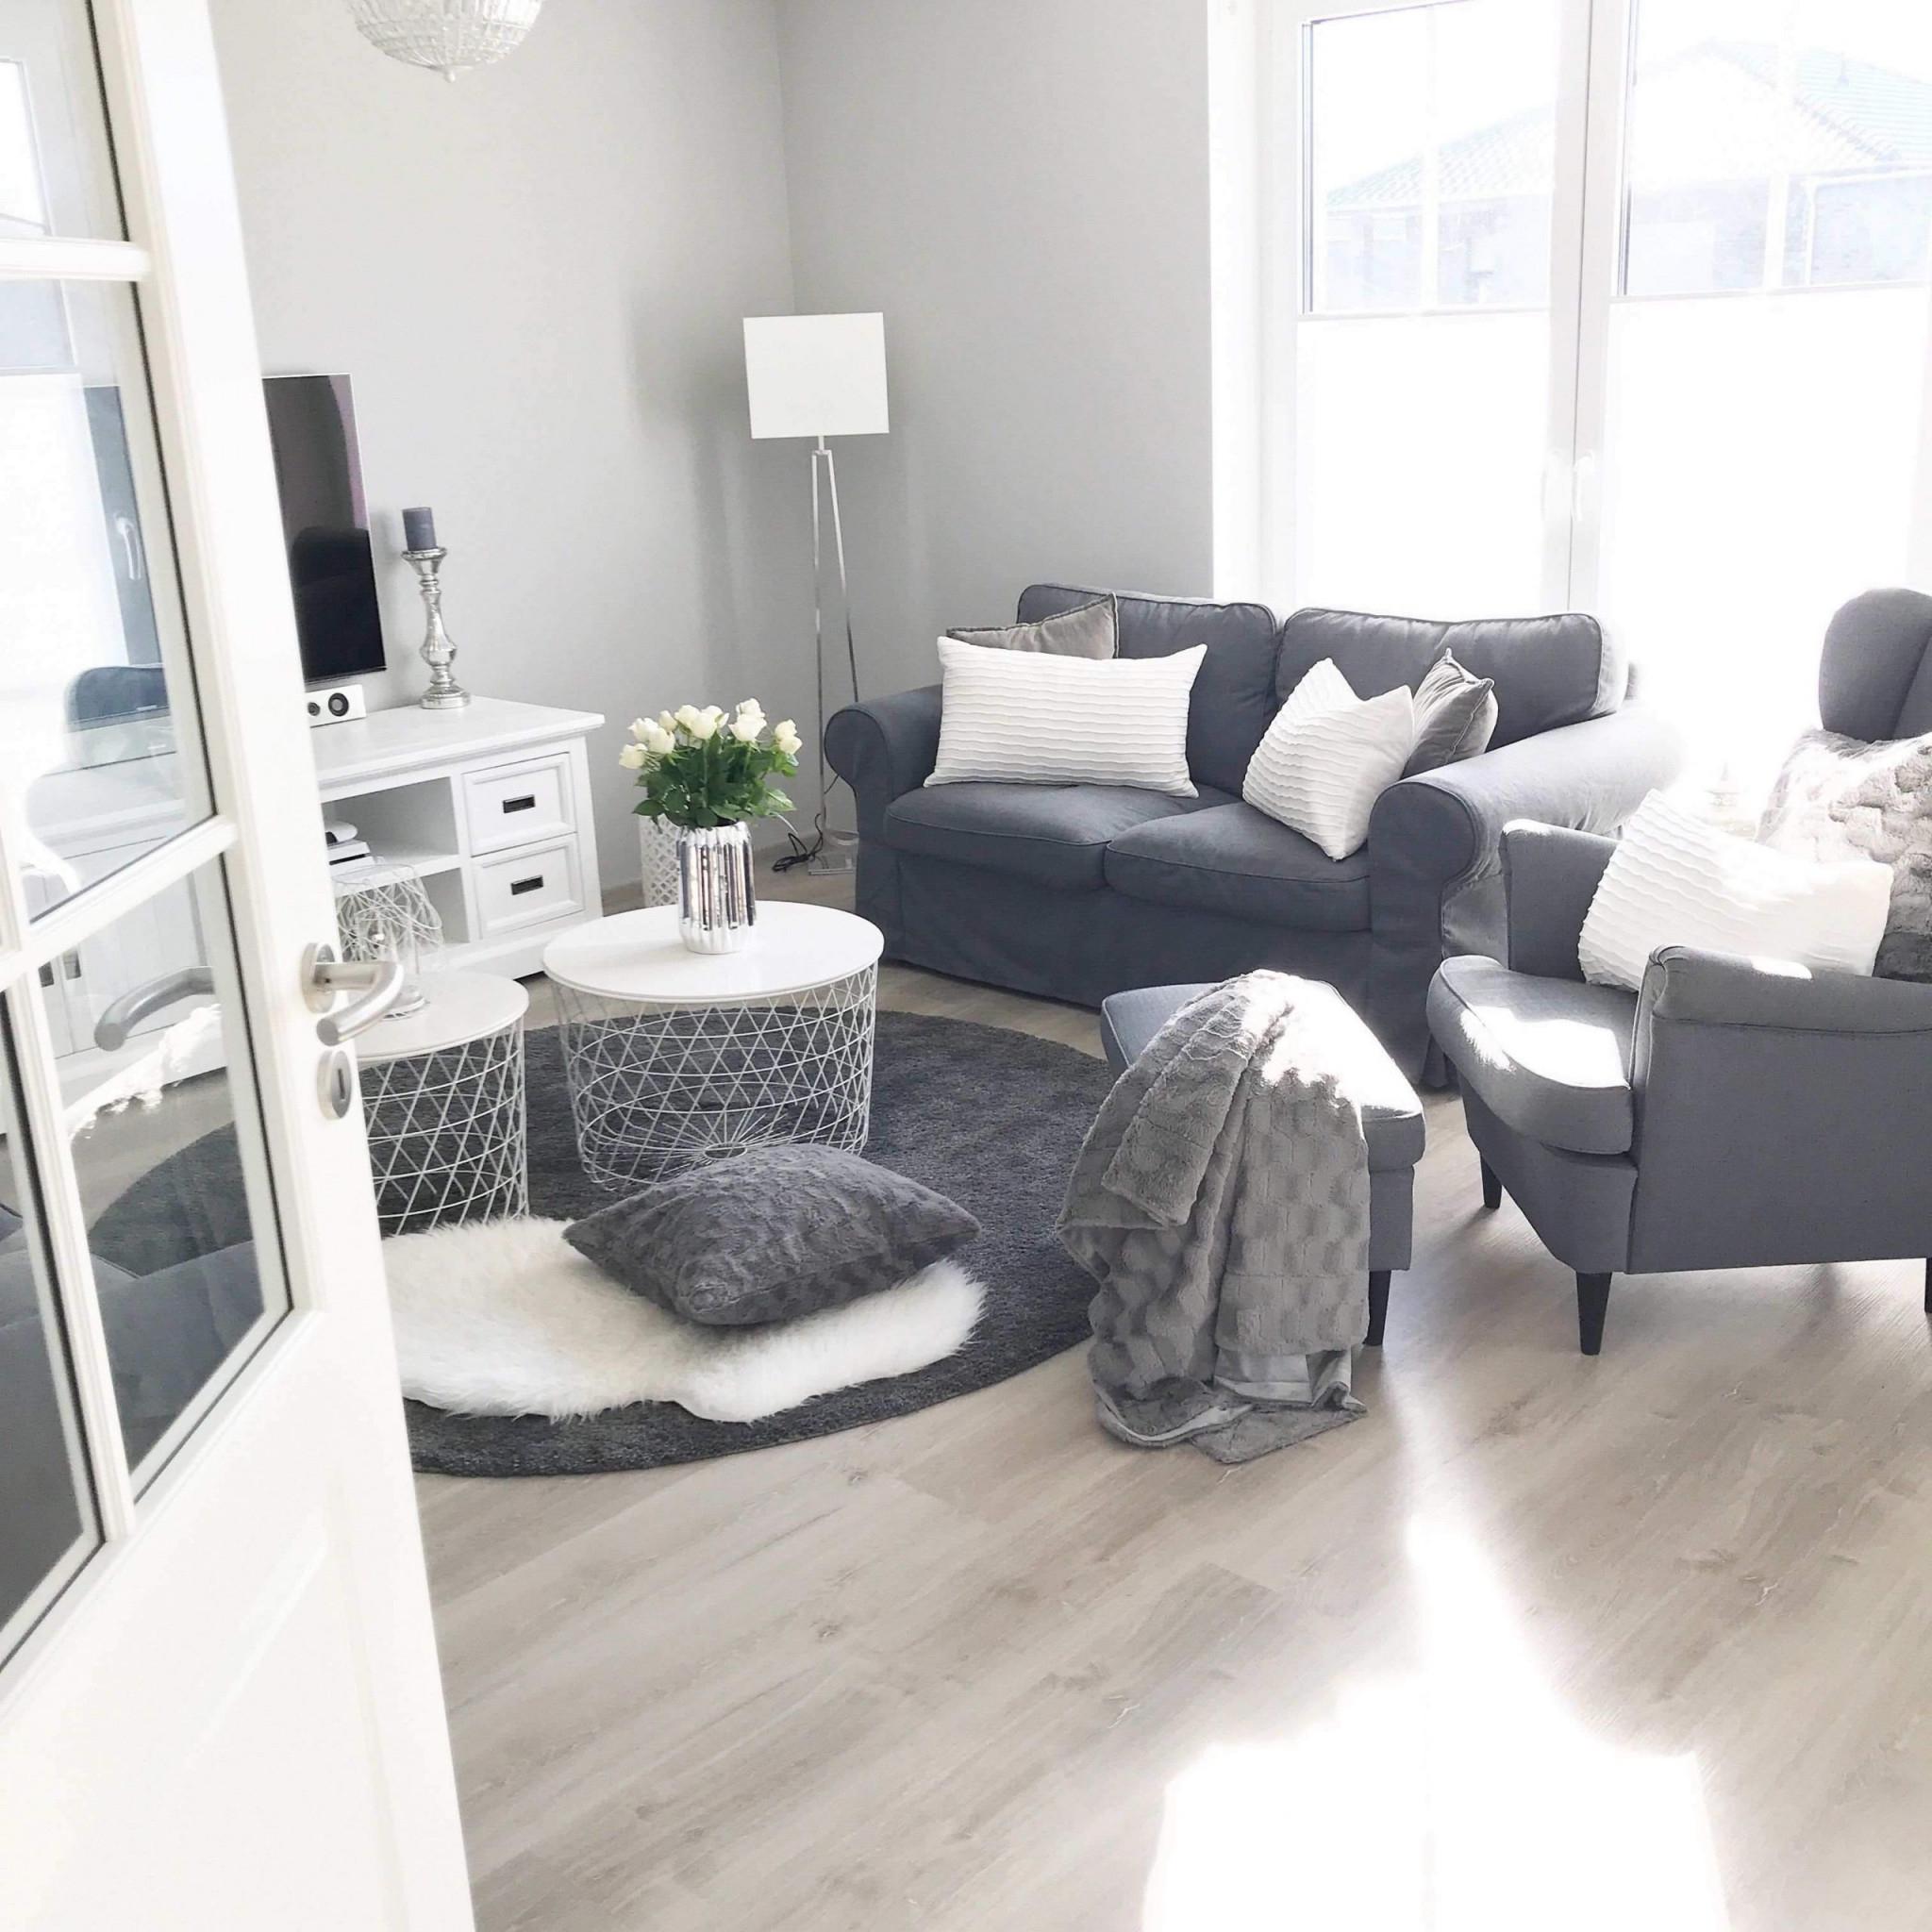 Wohnzimmer Ideen Landhausstil Modern Frisch 45 Luxus Von von Wohnzimmer Landhausstil Ideen Bild